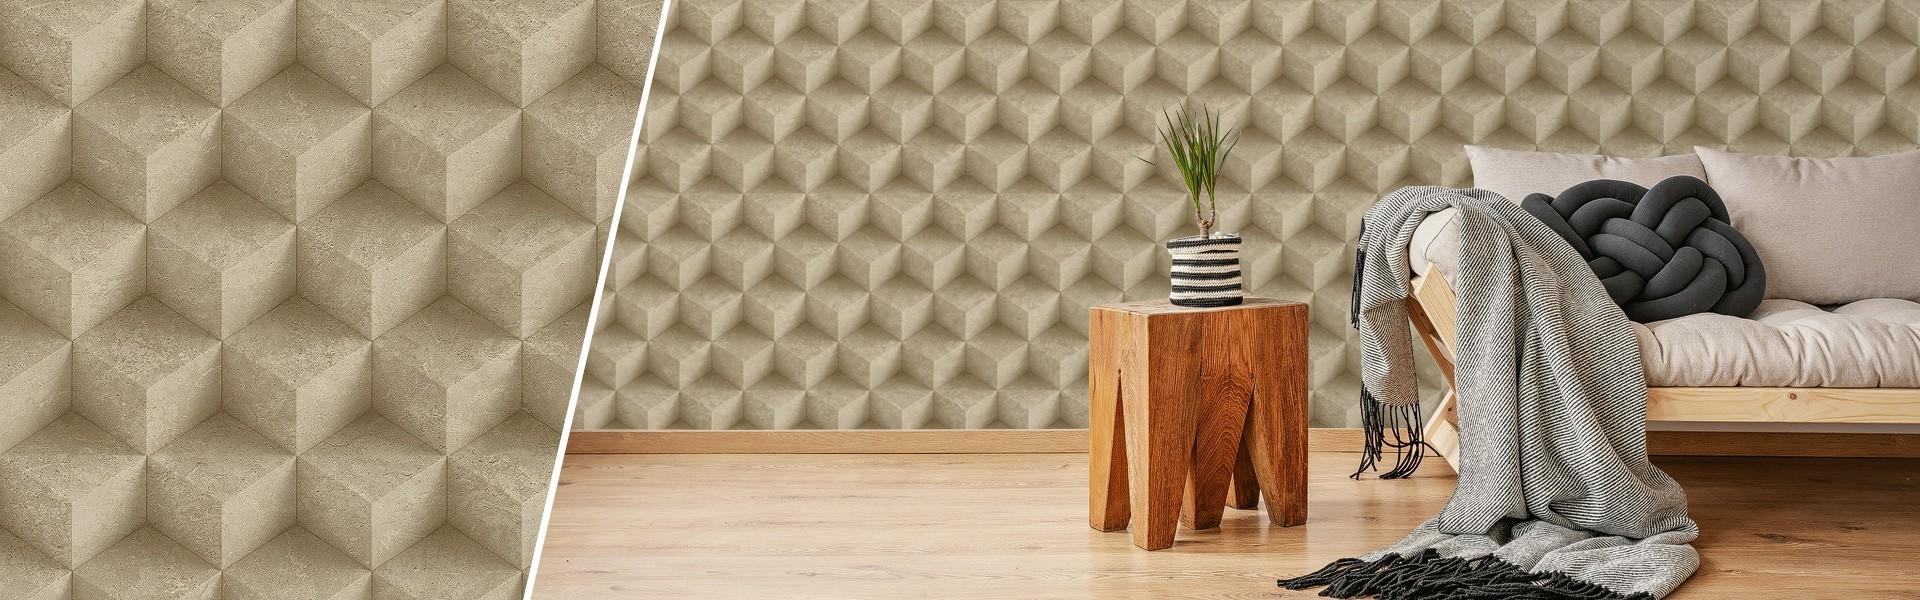 Full Size of 3d Tapeten Wohnzimmer Ideen Schlafzimmer Für Die Küche Fototapeten Wohnzimmer 3d Tapeten